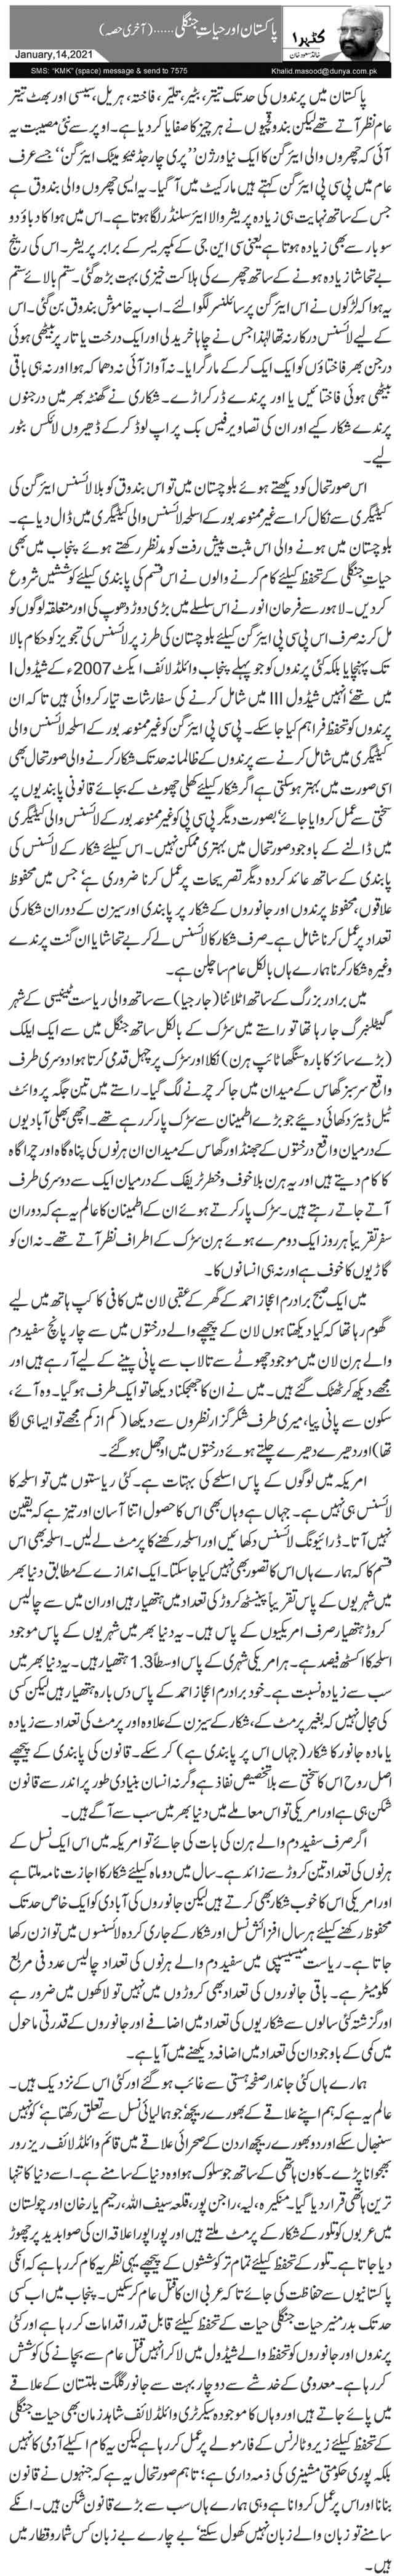 پاکستان اور حیاتِ جنگلی… (آخری حصہ)